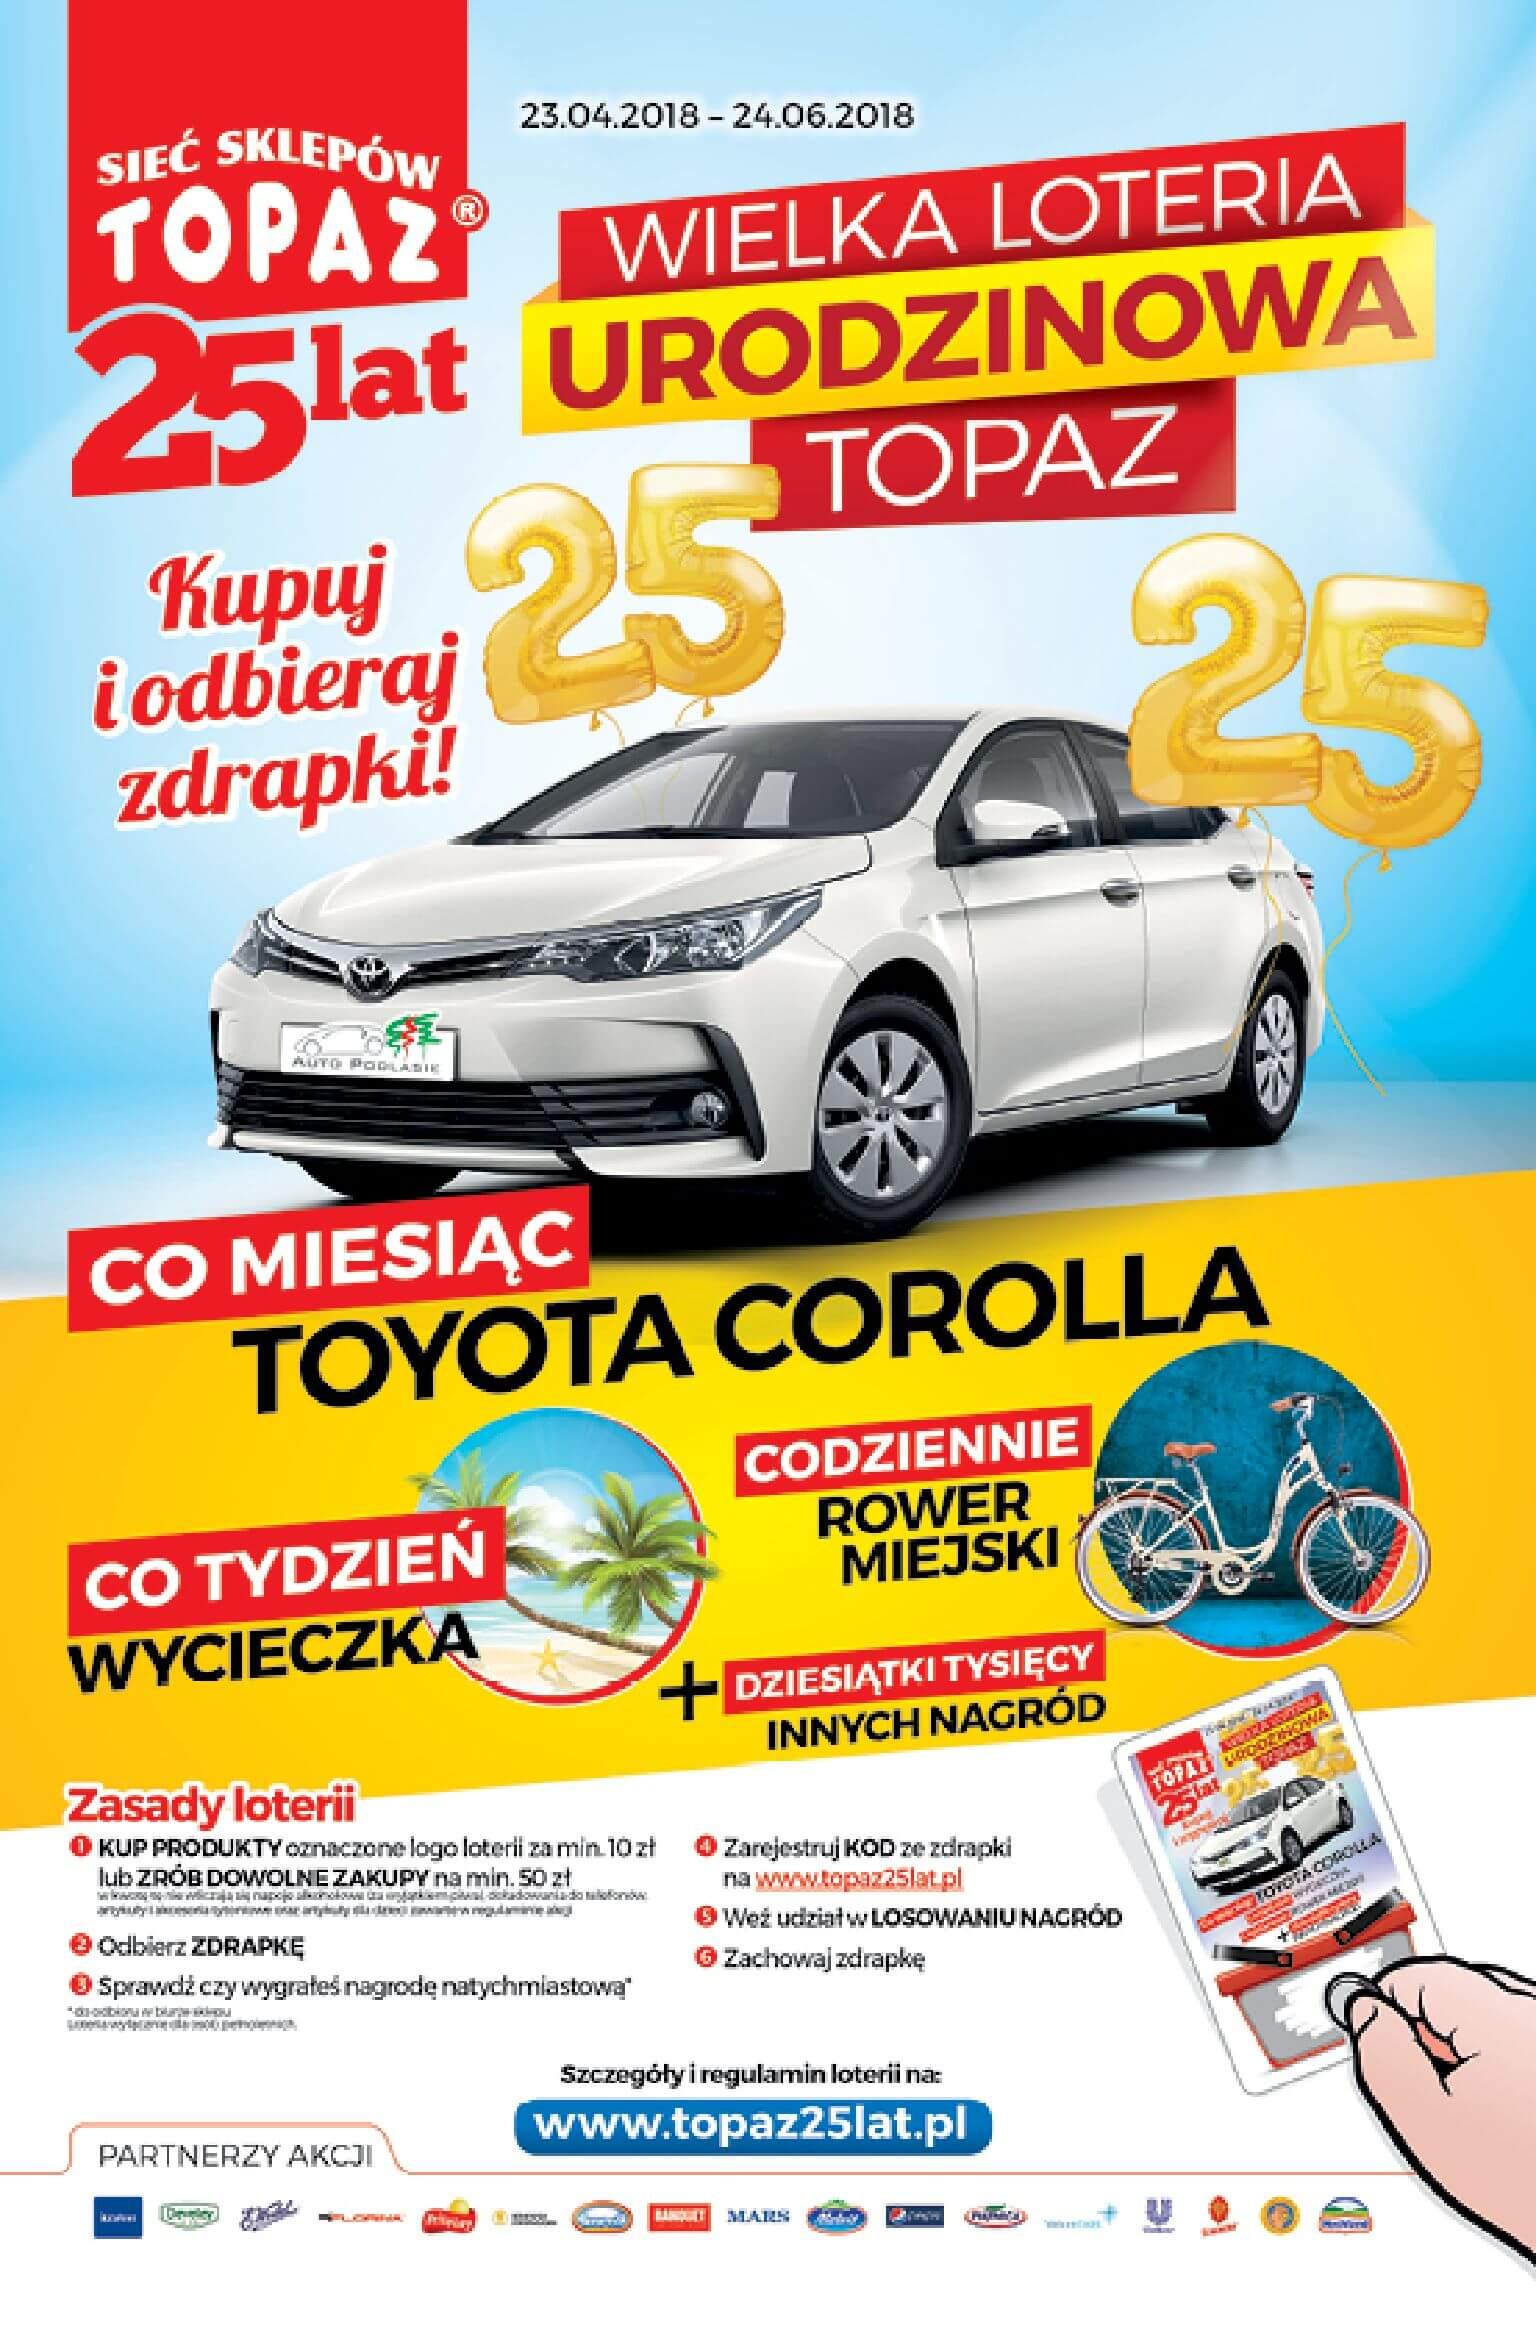 Gazetka TOPAZ - Oferta na art. spożywcze-16.05.2018-23.05.2018-page-